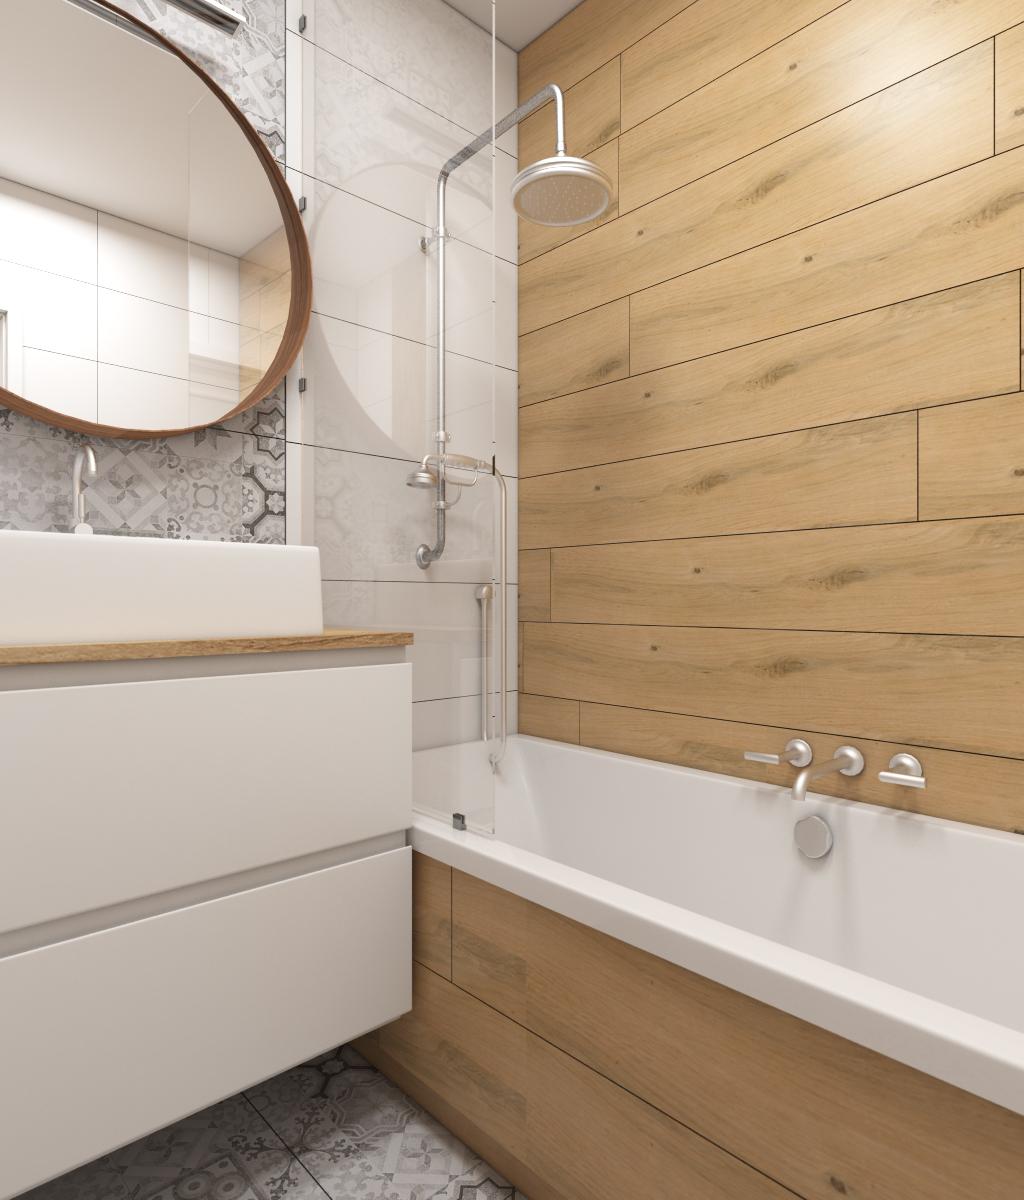 łazienka W Drewnie Bieli I Szarości Im Wnętrza Blog